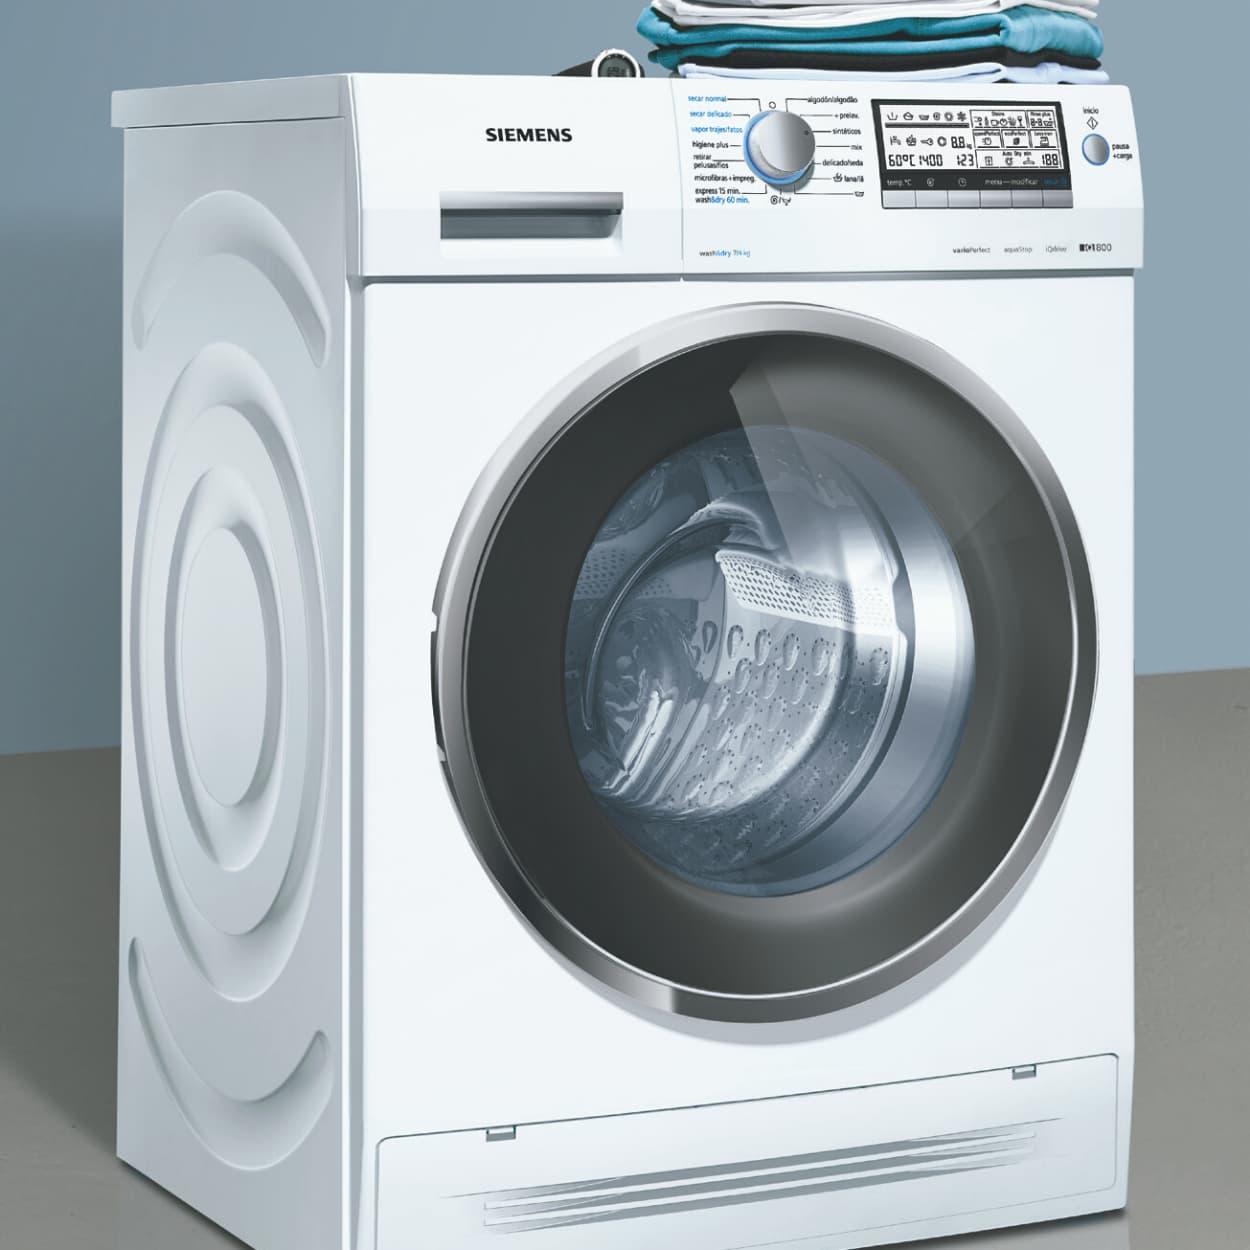 lavado y secado siemens